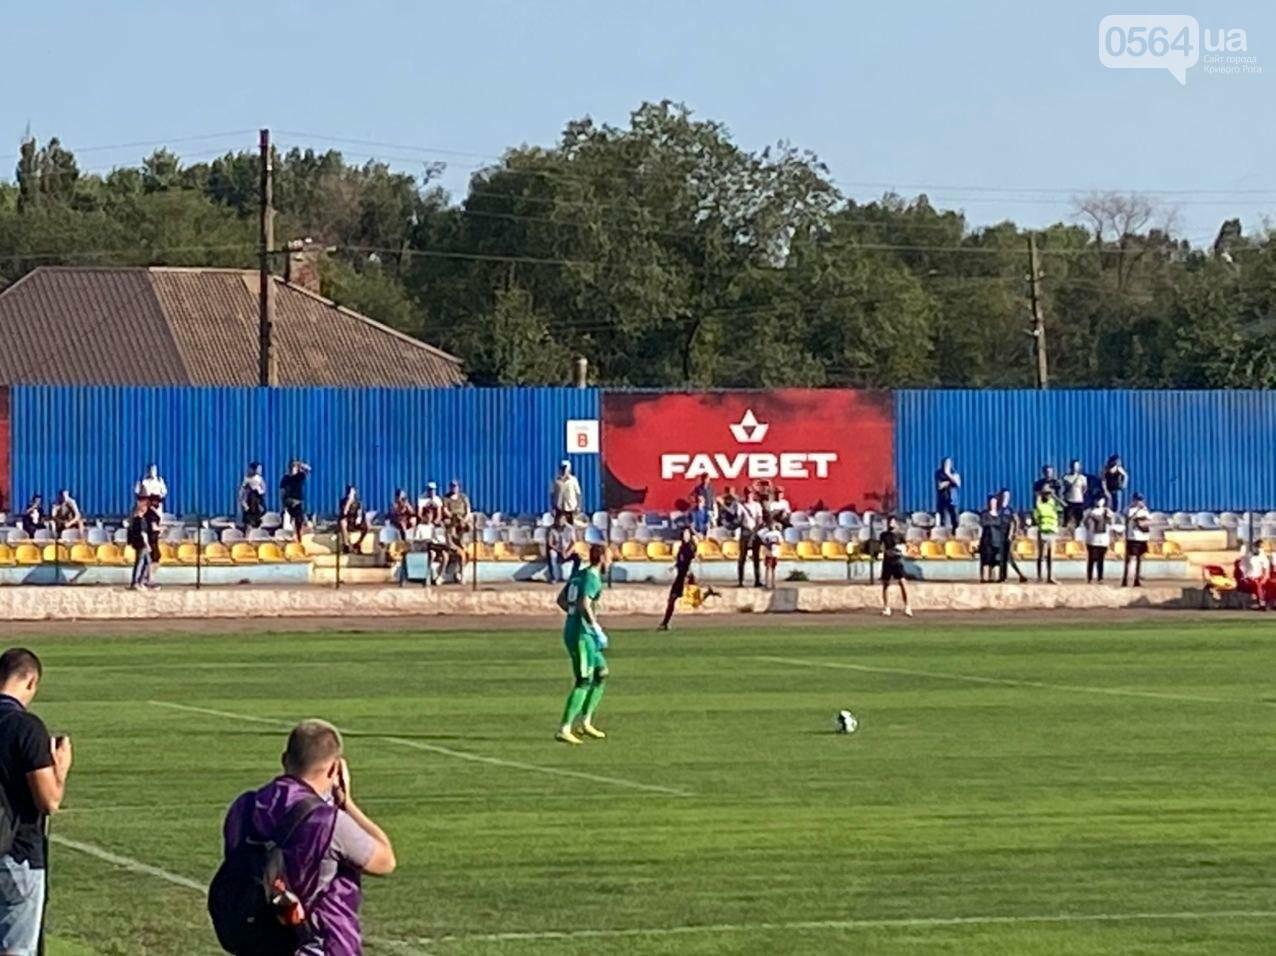 В Кривом Роге начался матч между ФК «Кривбасс» и ФК «Таврия»,  - ФОТО, ВИДЕО, фото-8